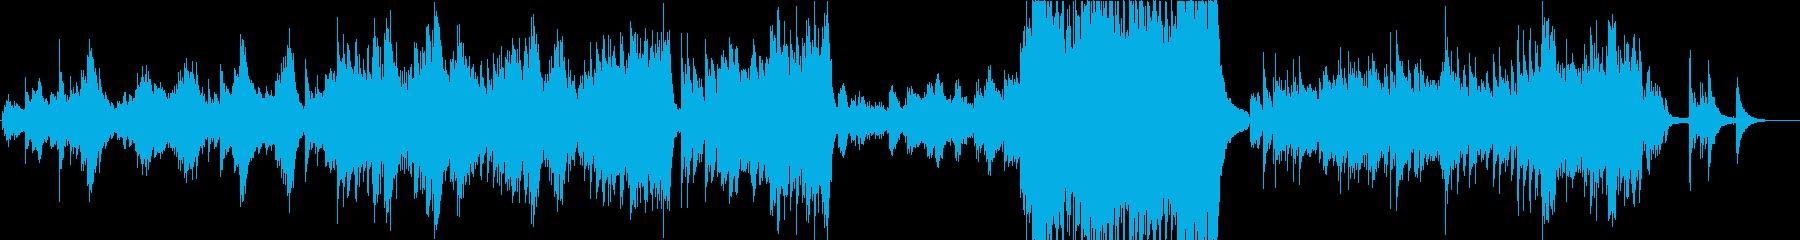 壮大なエンディング、ラスト歴史ゲーム Aの再生済みの波形